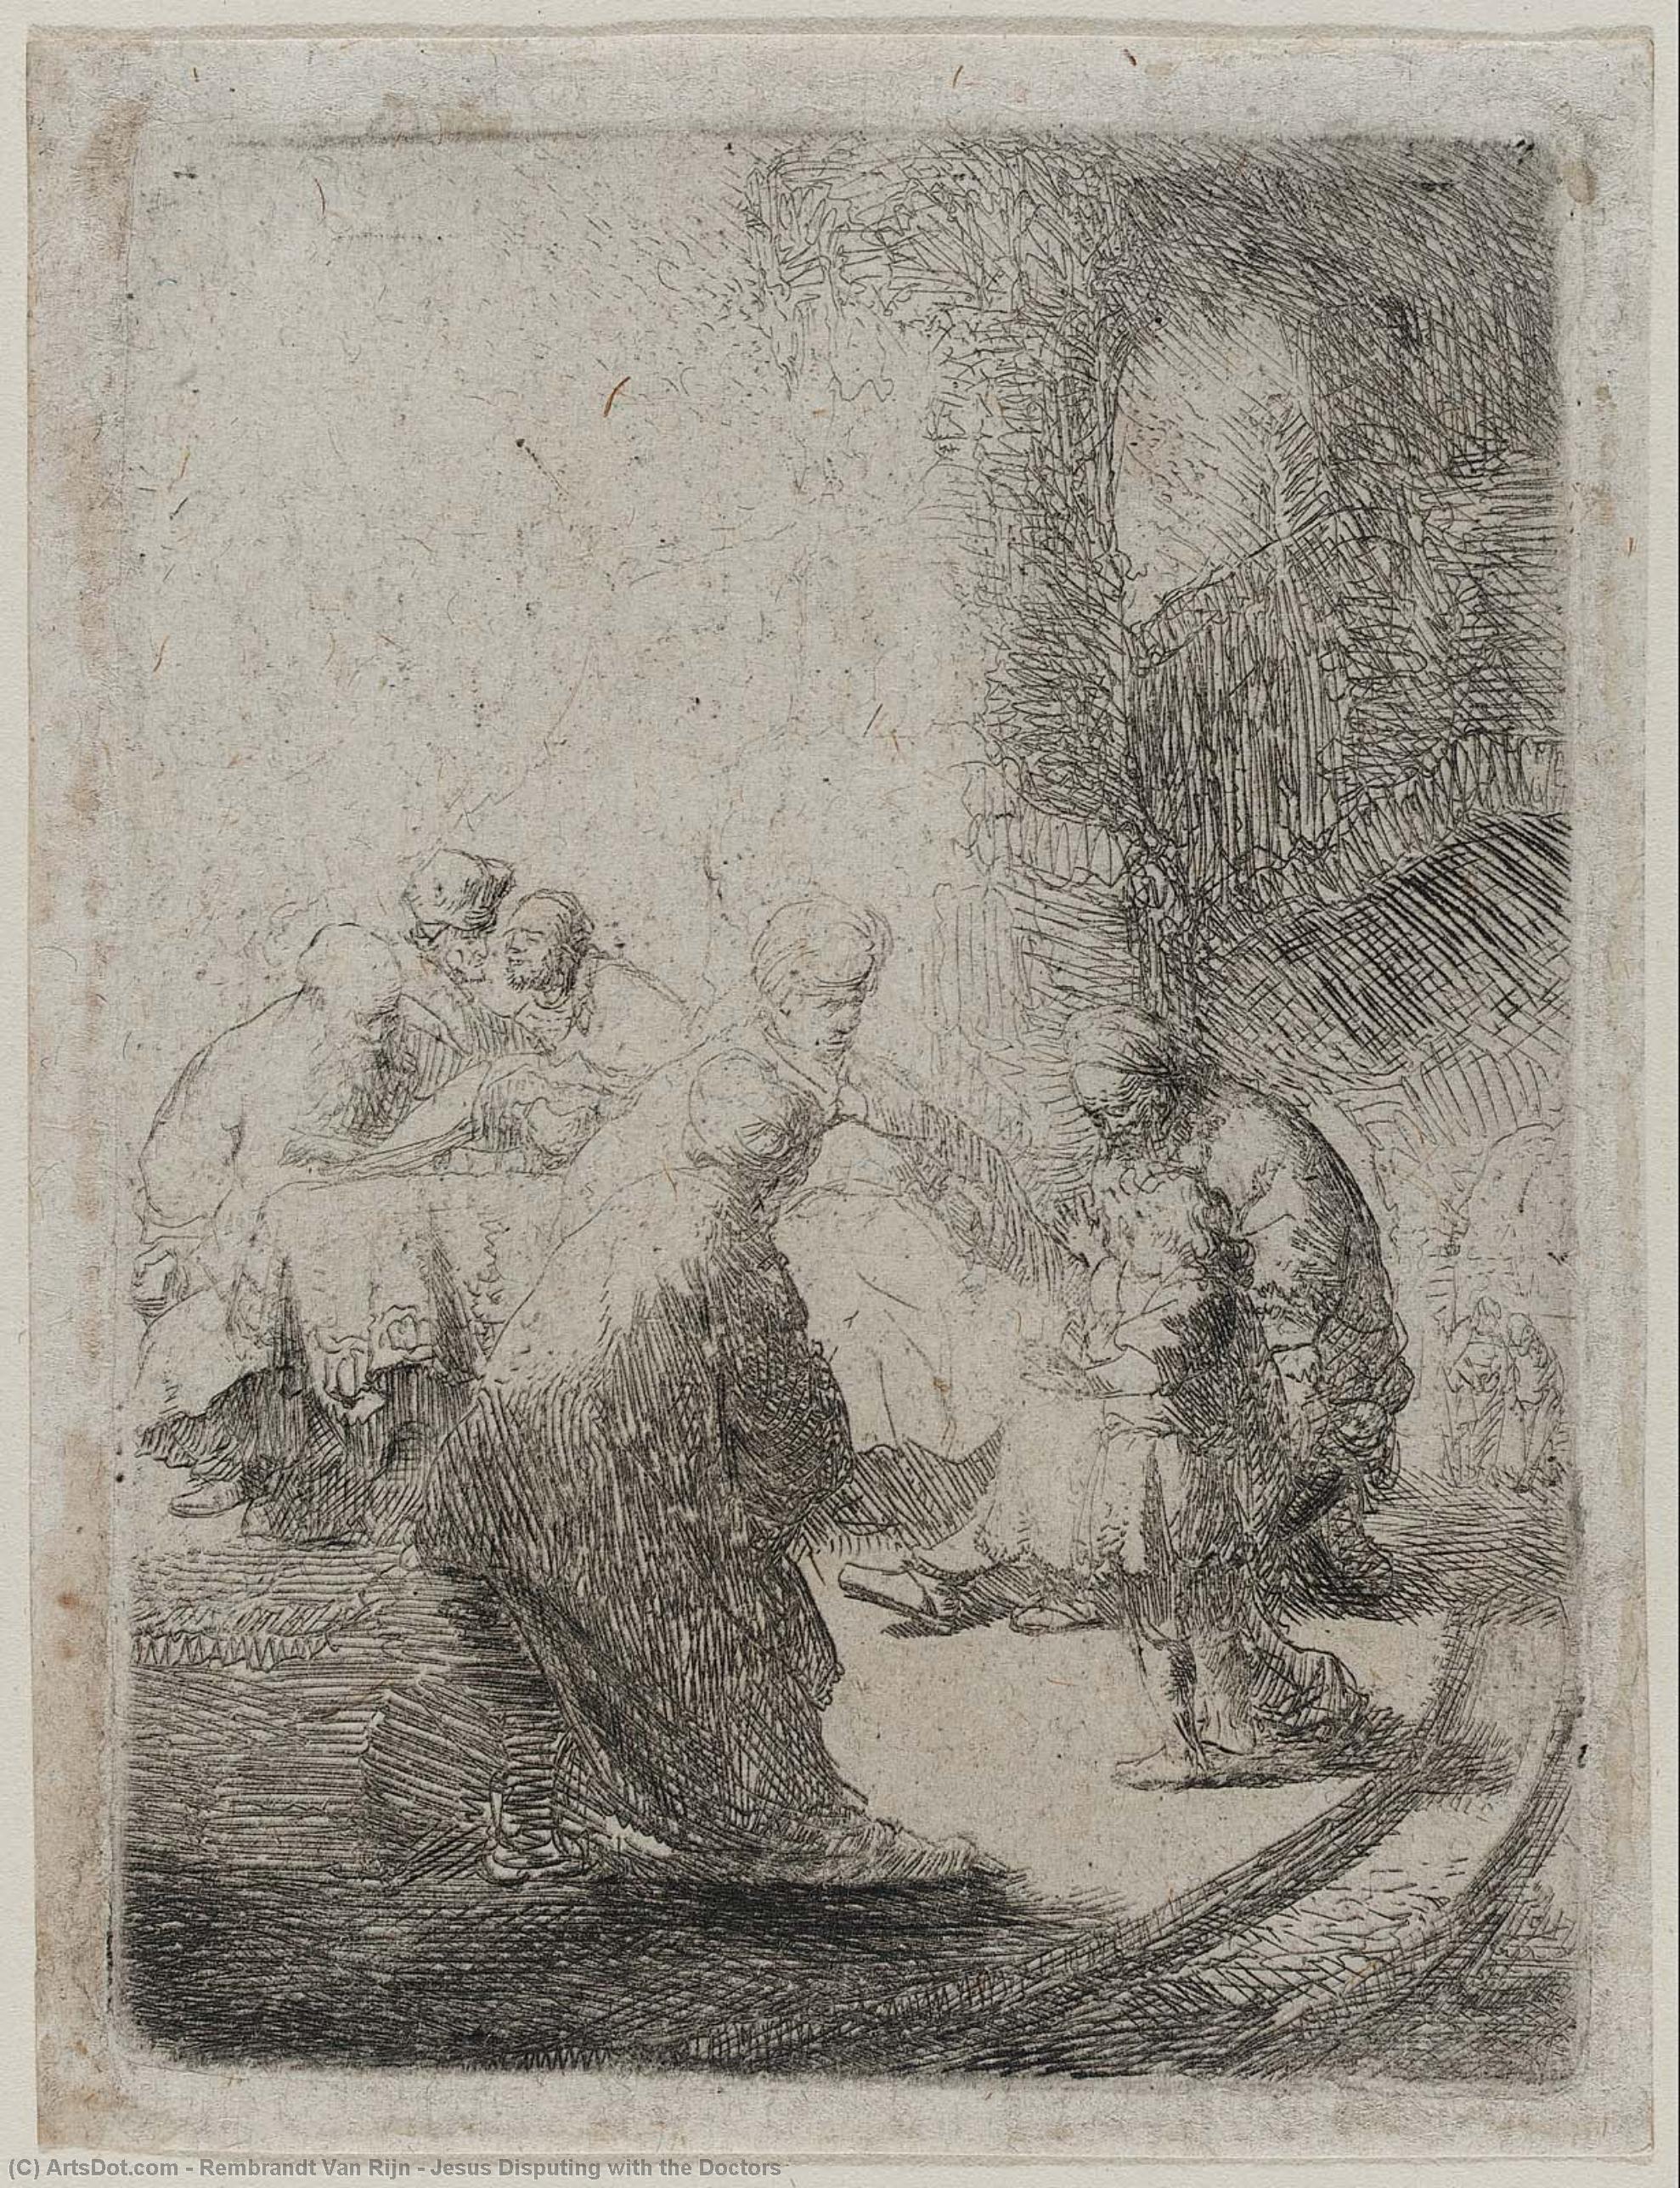 Иисус Оспаривание с врачами - Rembrandt Van Rijn | WikiOO.org -  Энциклопедия изобразительного искусства